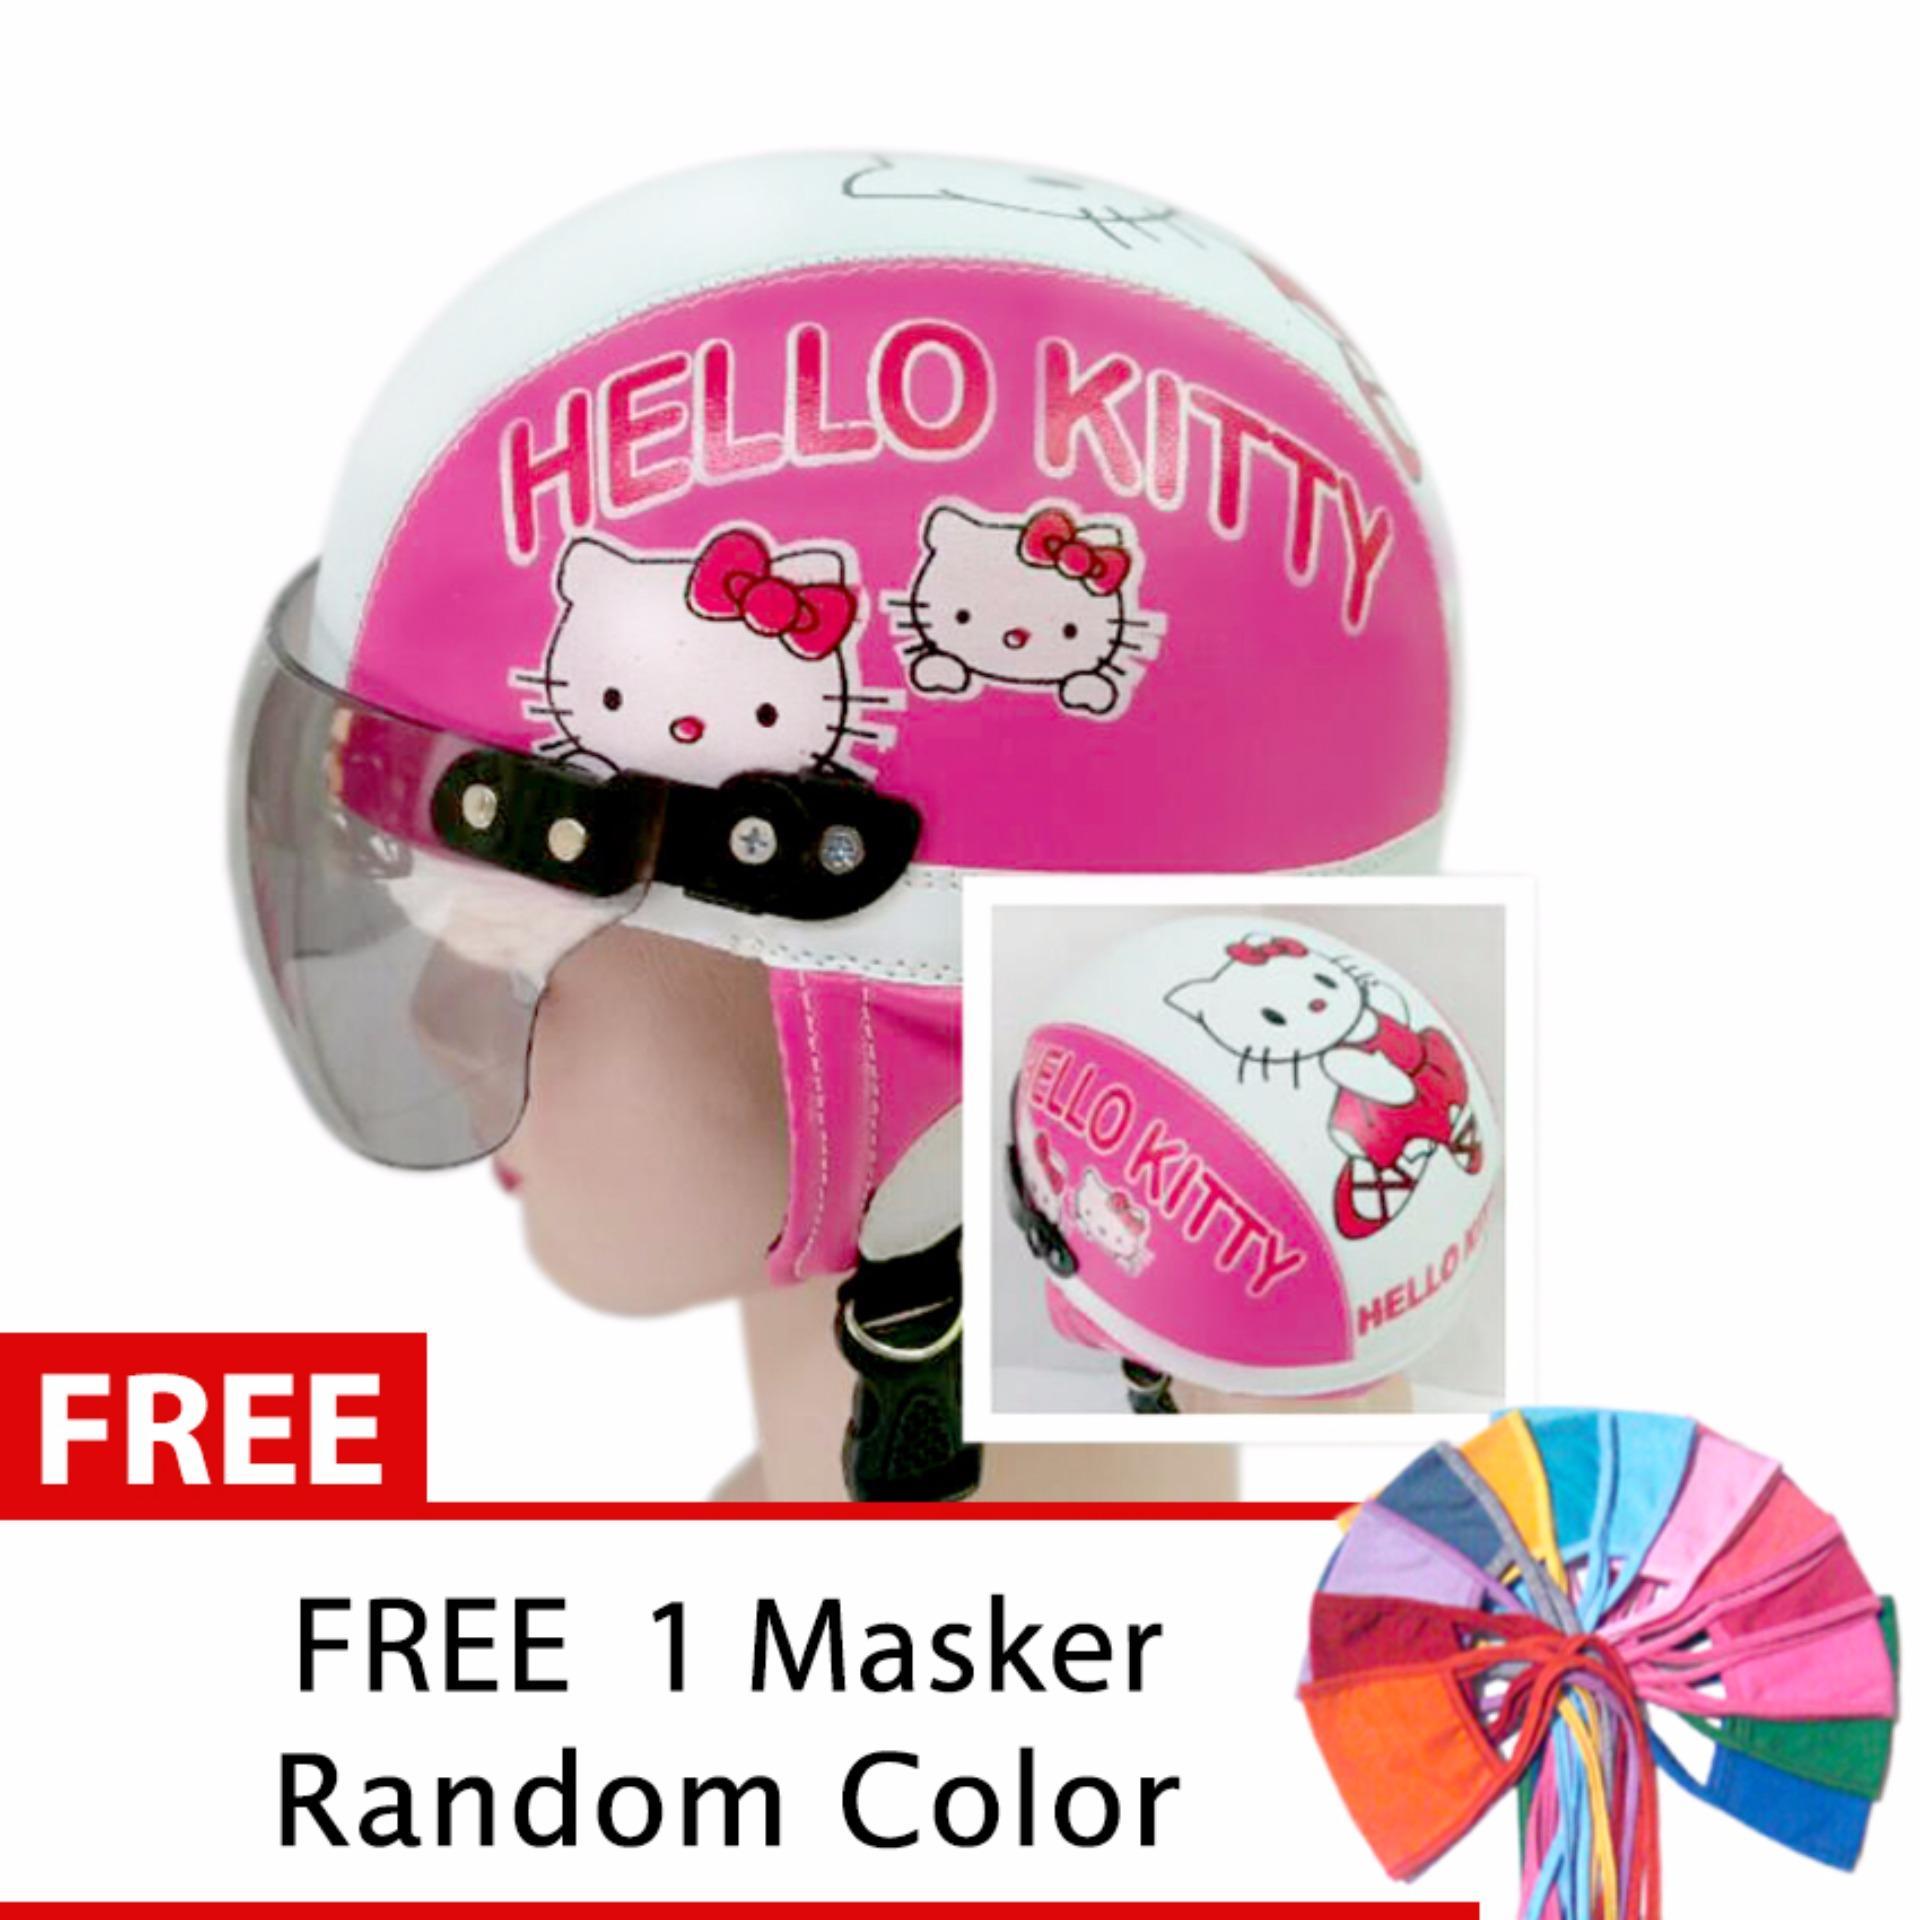 Toserba - Helm Anak Lucu Usia 1-4 Tahun Karakter Hello Kitty